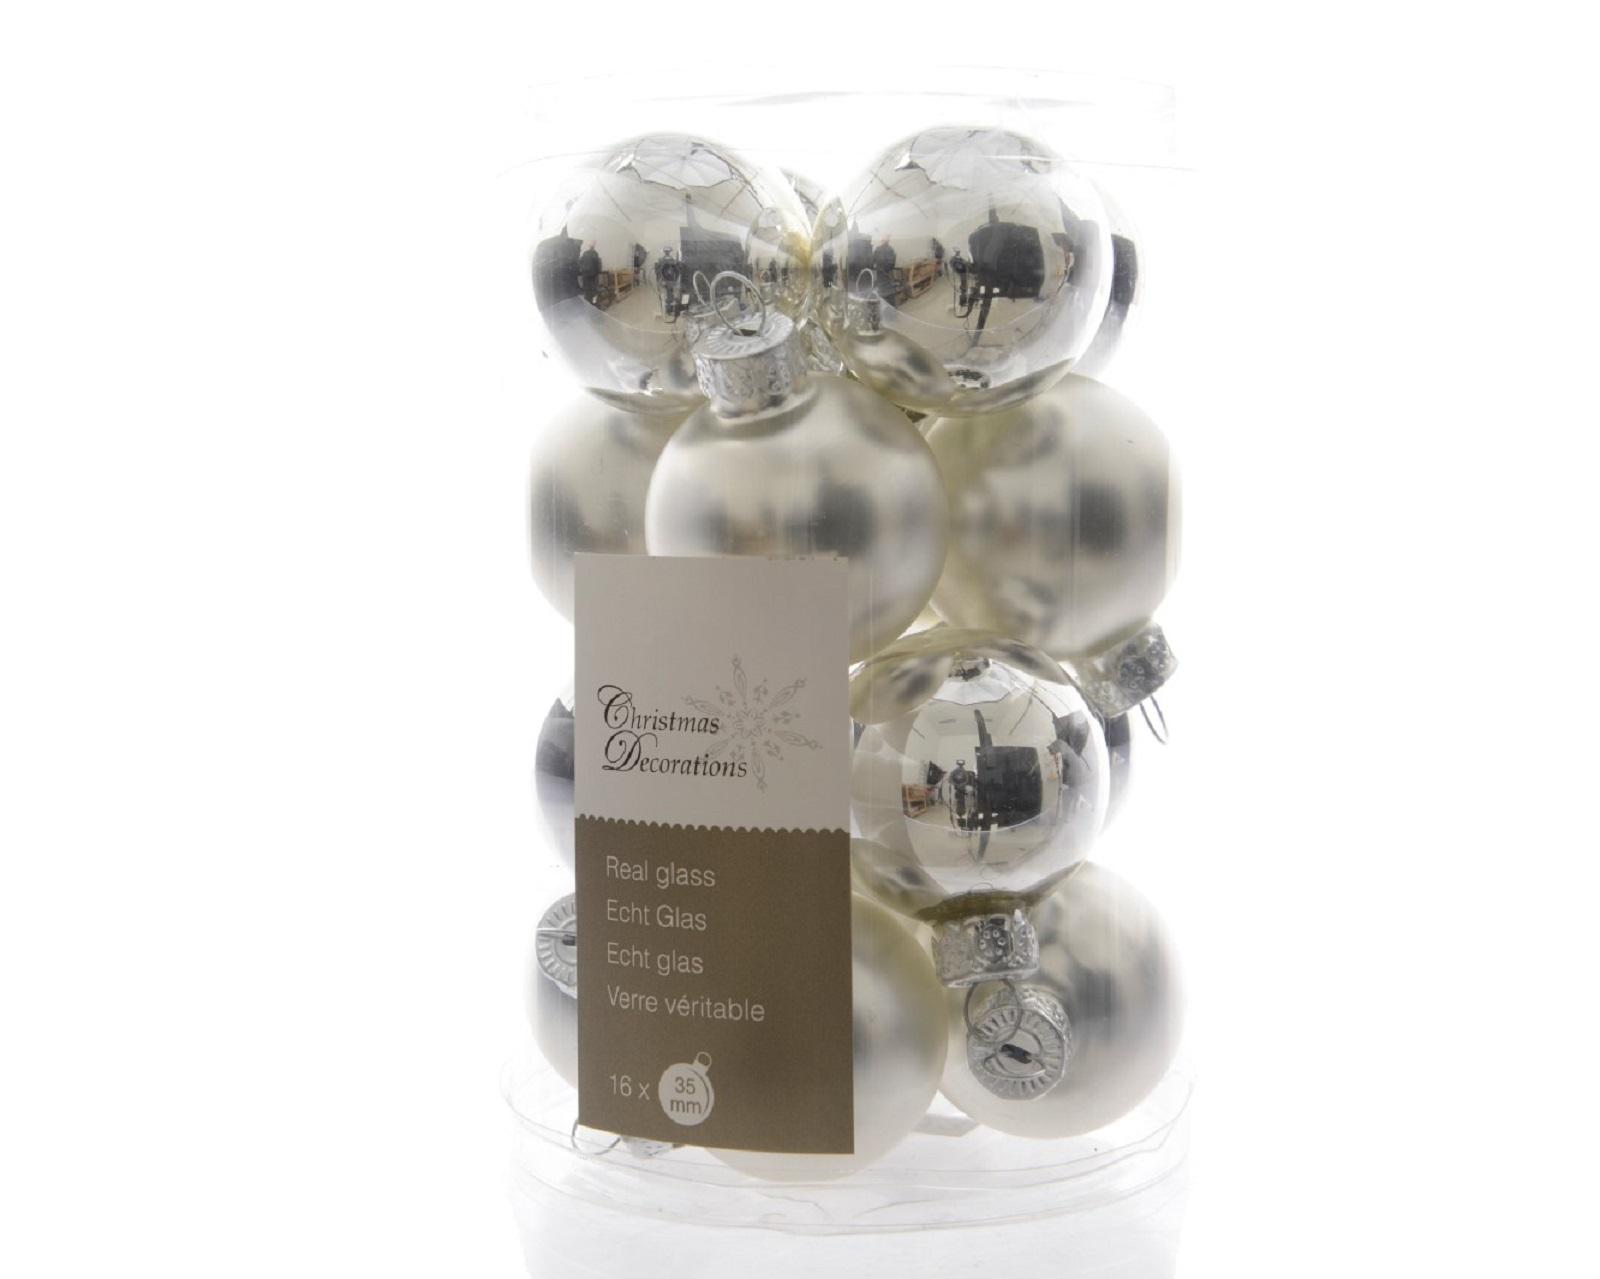 Glaskugeln Baumschmuck Weihnachtskugeln mini Weihnachtsdeko 16 St silber